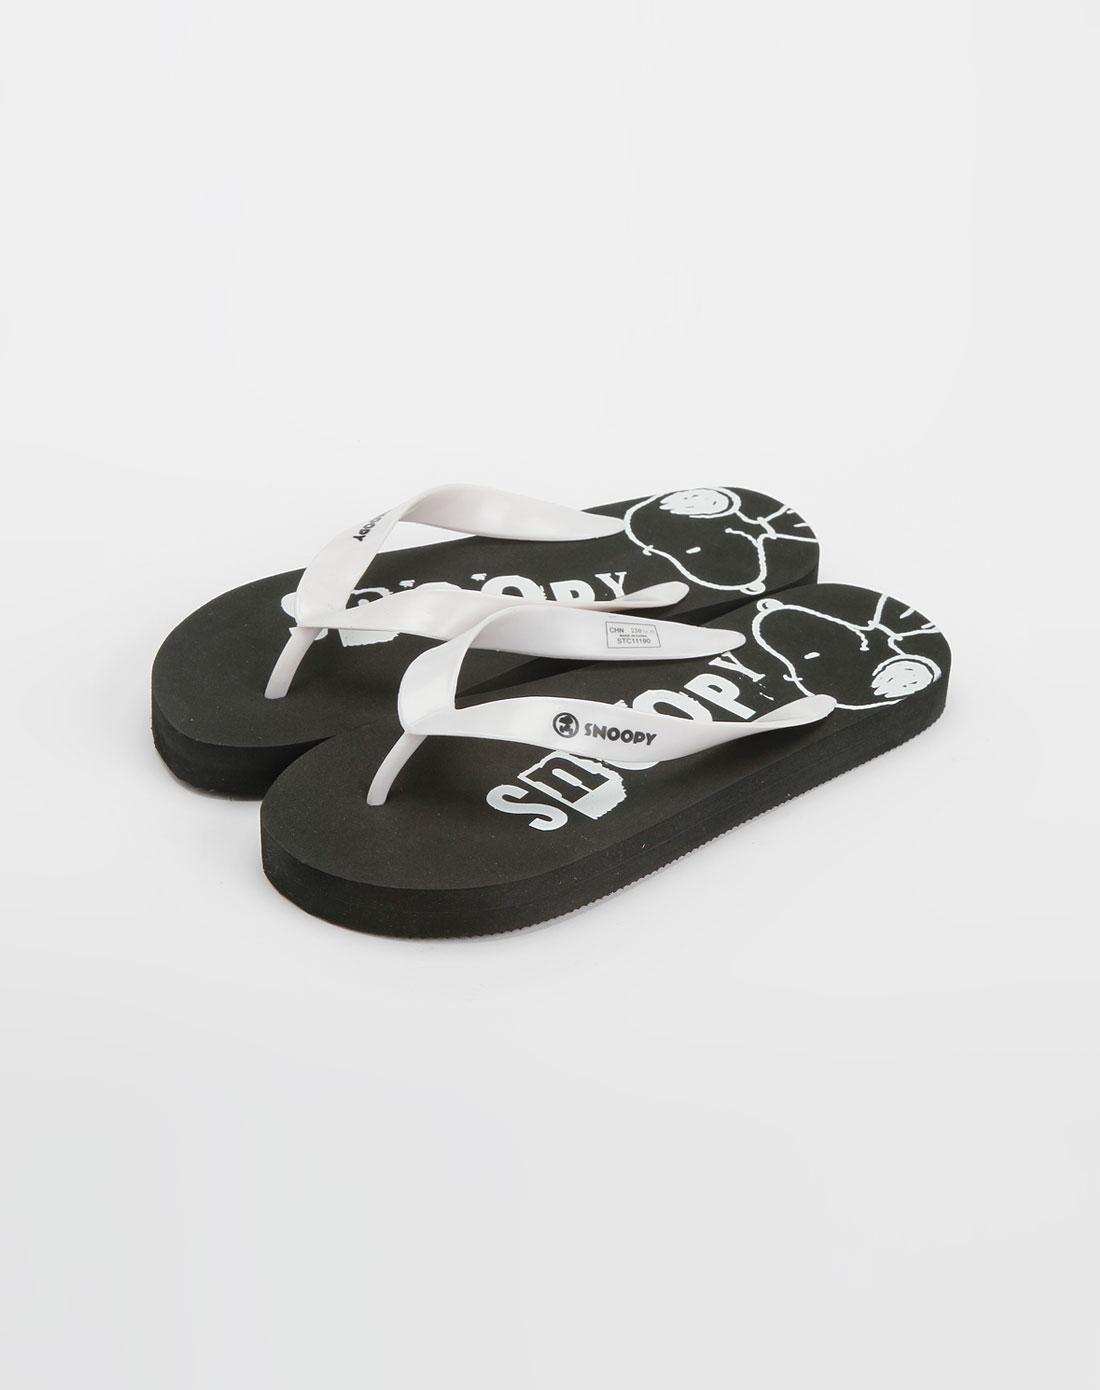 女款黑/白色人字拖鞋_史努比snoopy-女鞋官网特价2